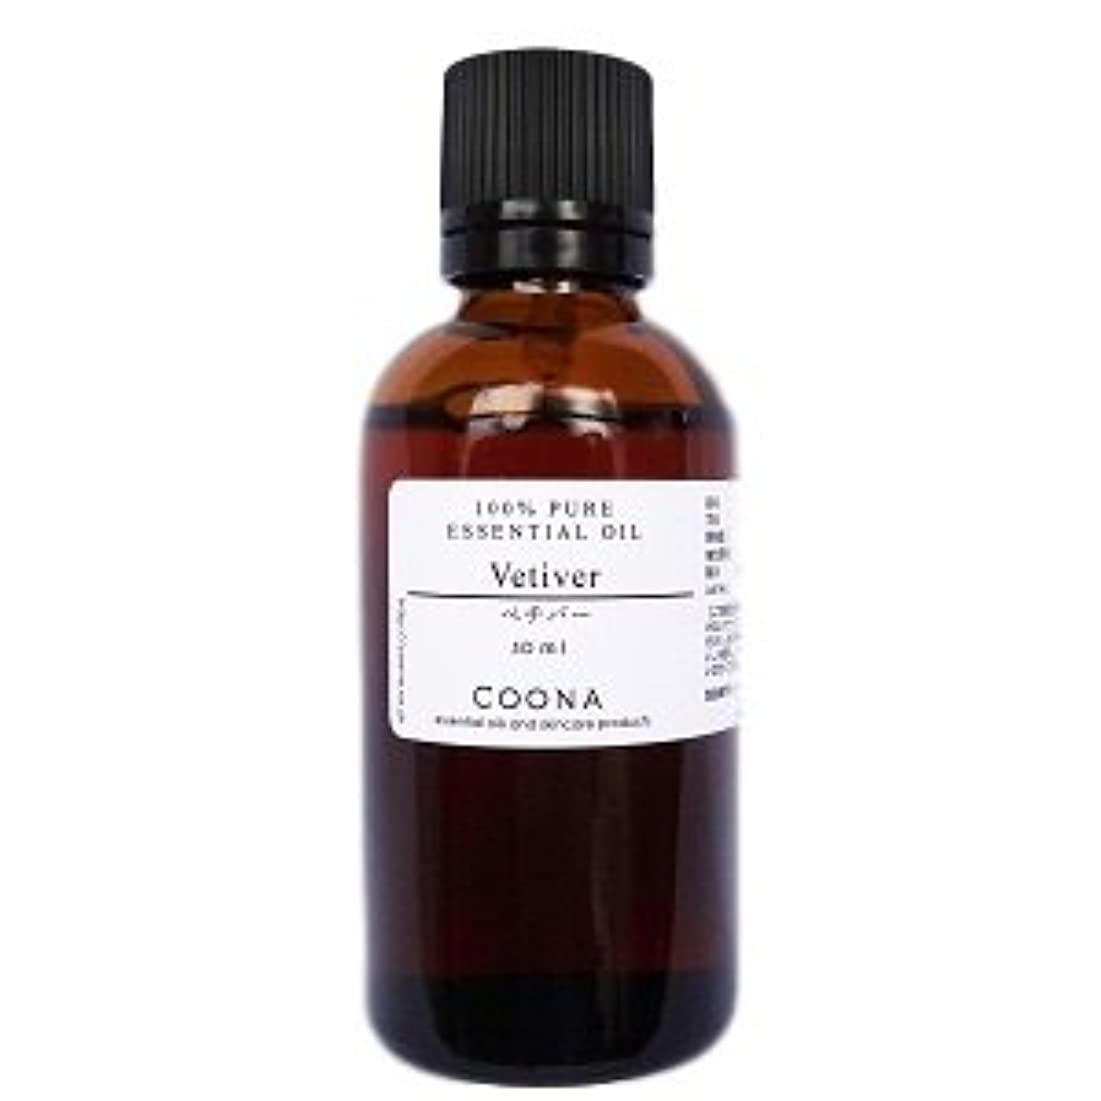 情熱的自分の力ですべてをするペチコートベチバー 50 ml (COONA エッセンシャルオイル アロマオイル 100%天然植物精油)